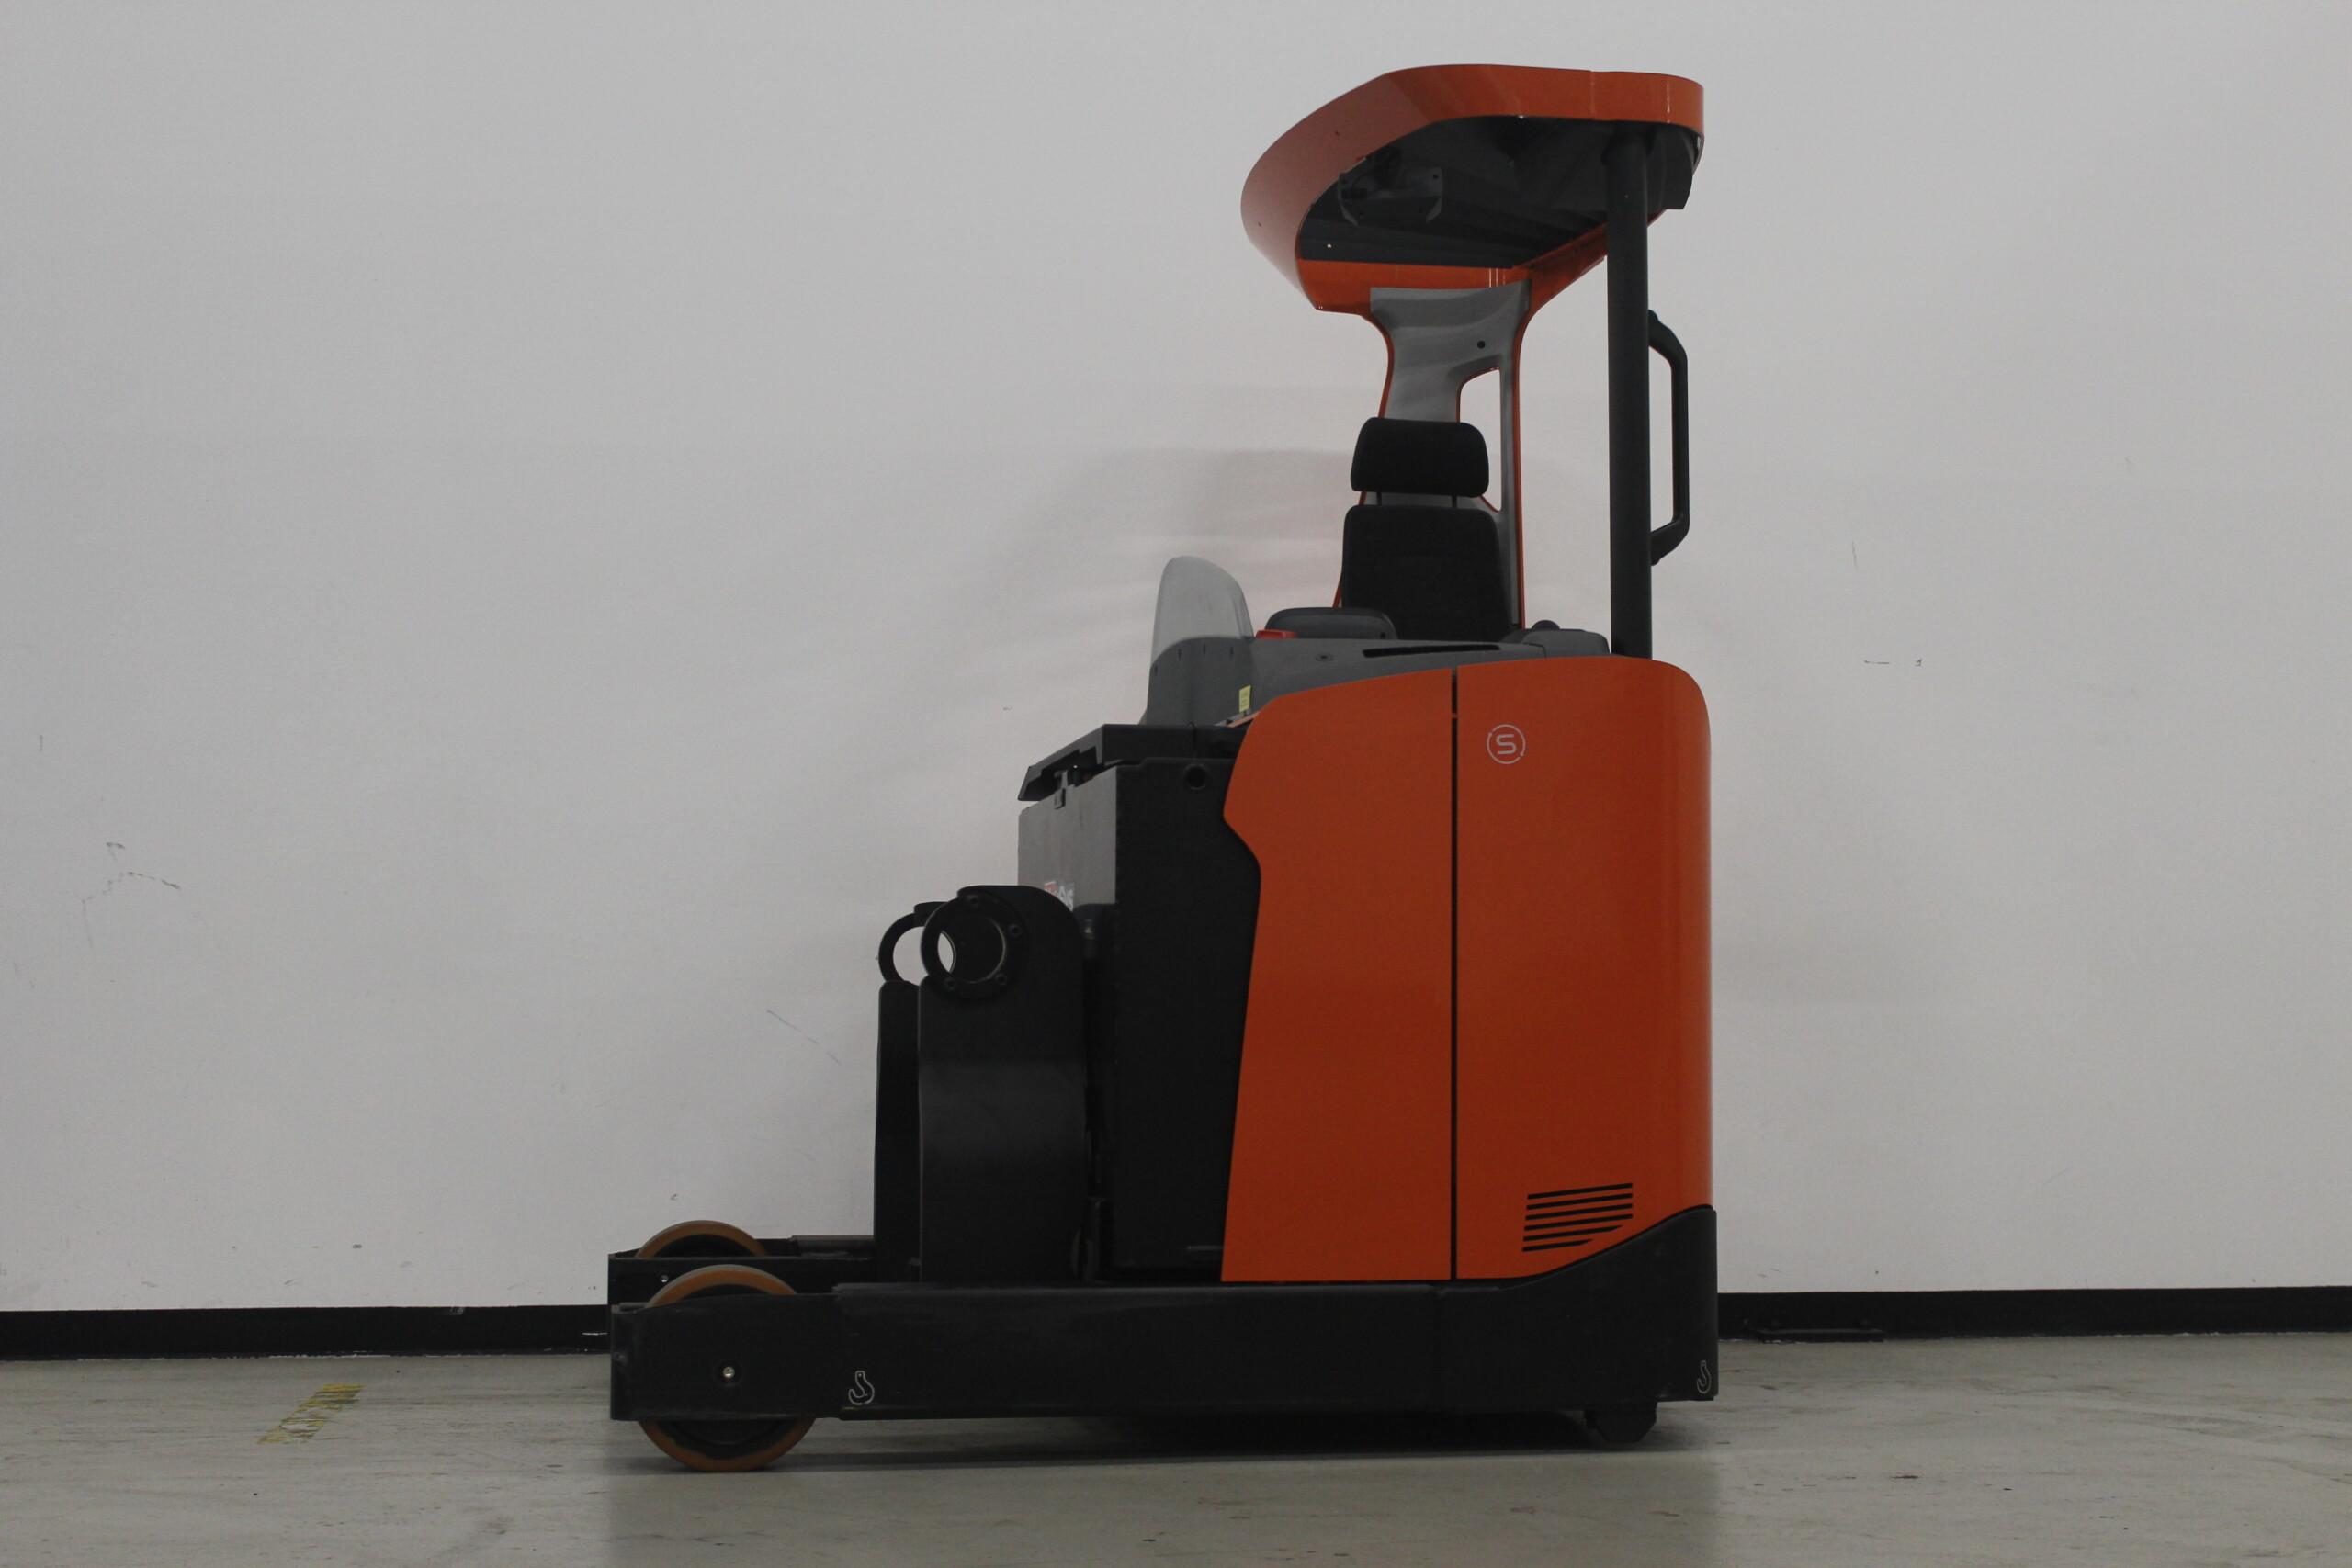 Toyota-Gabelstapler-59840 1907950140 1 15 scaled